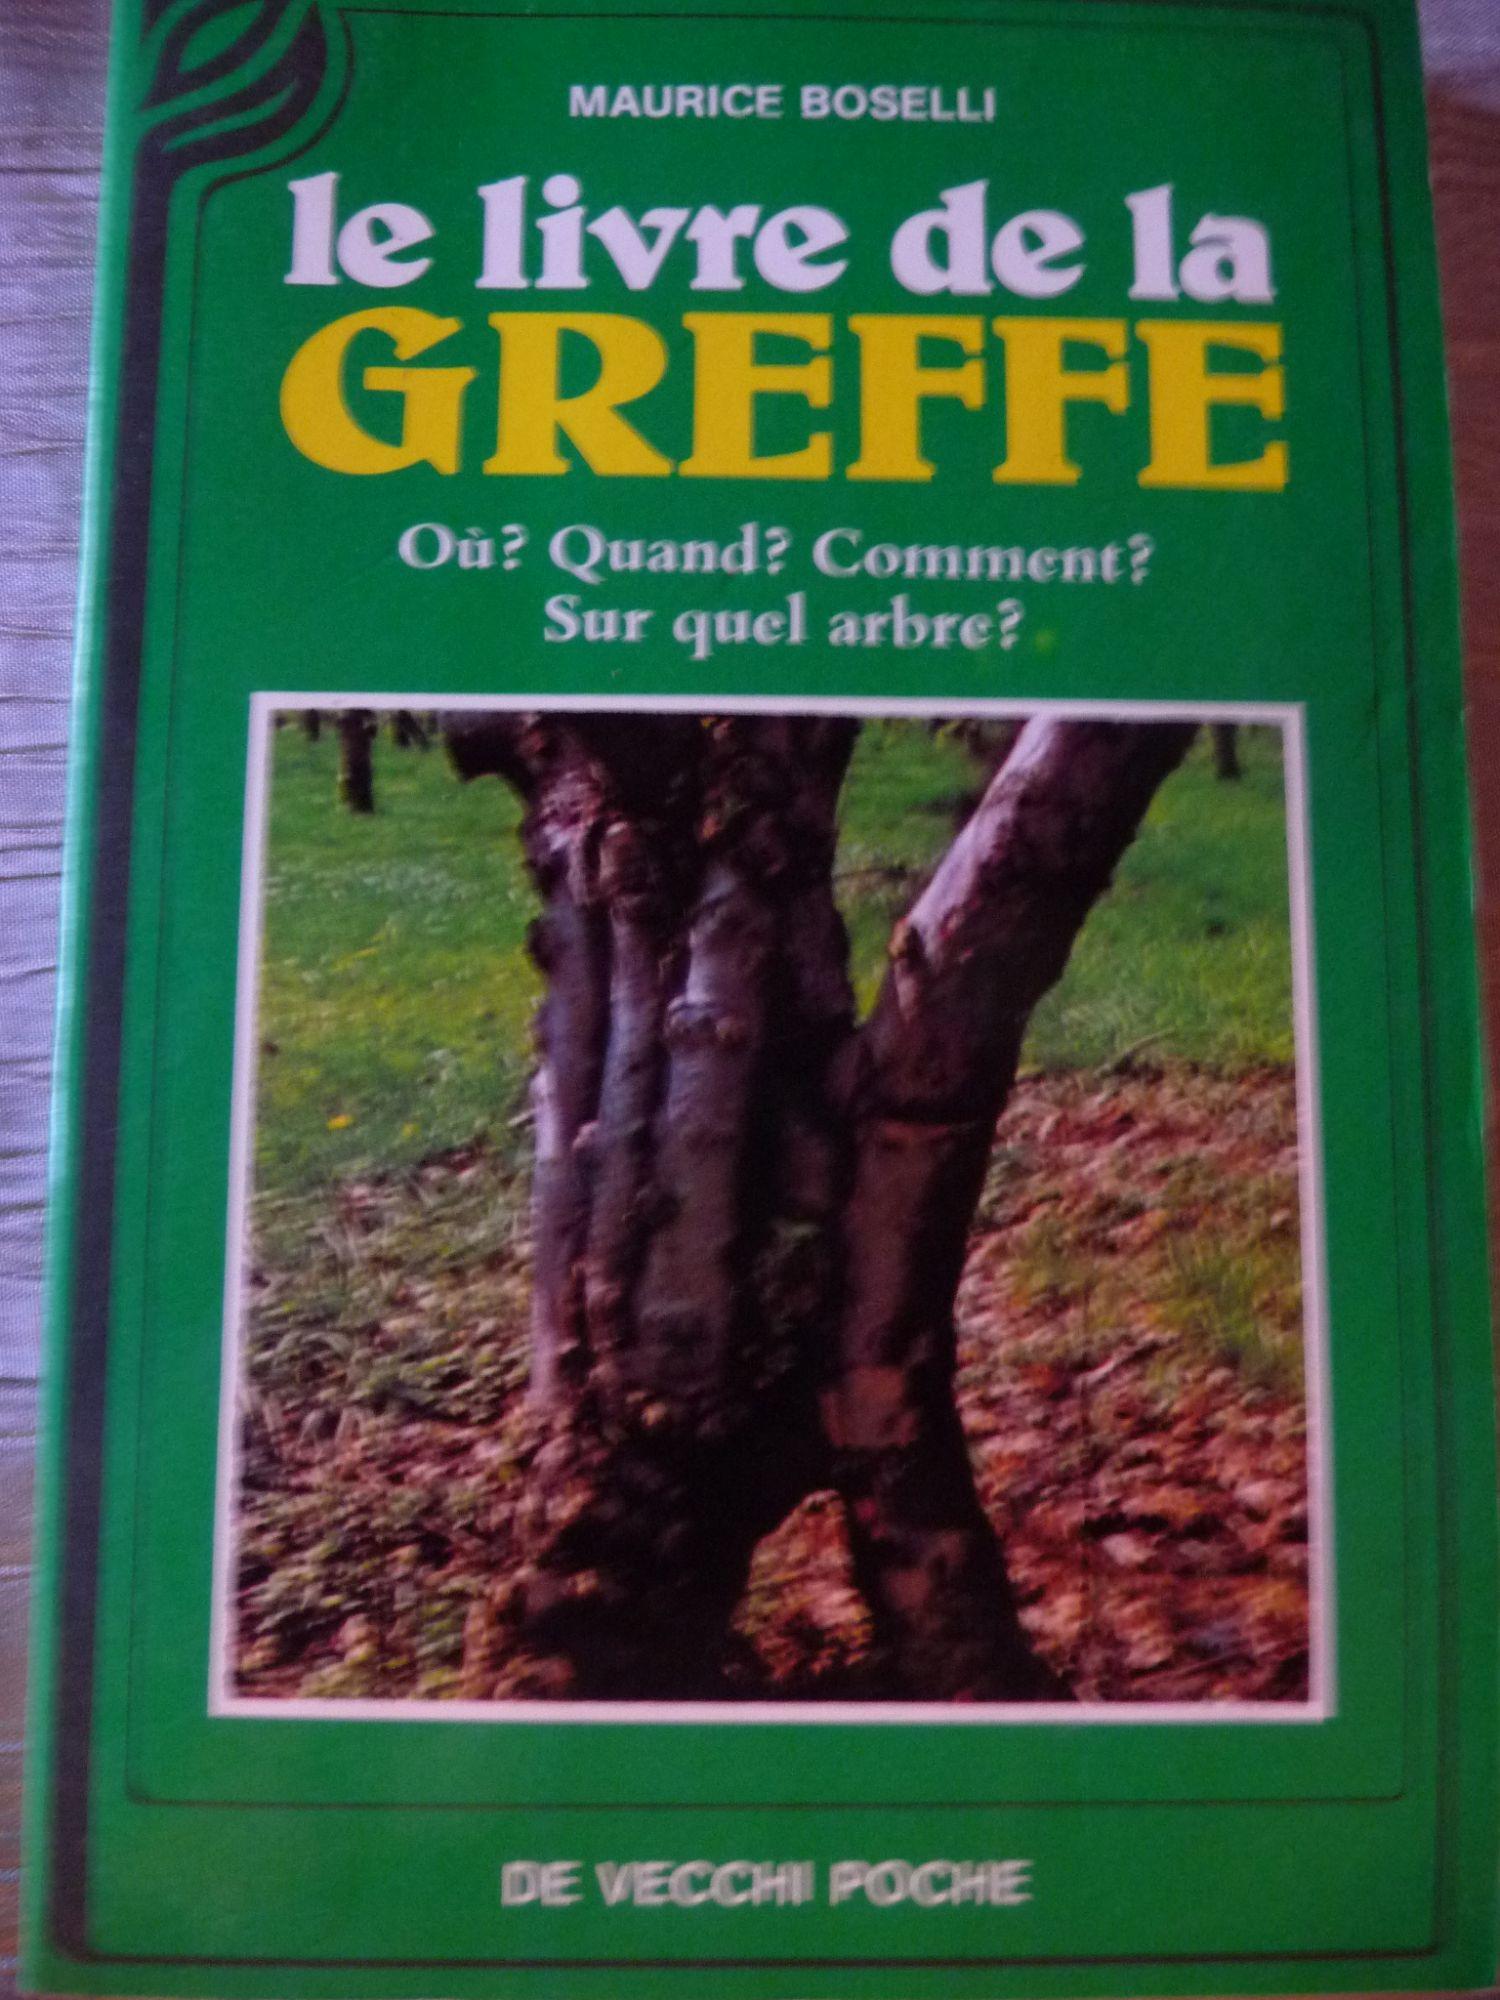 Le livre de la greffe - Où ? quand ? comment ? sur quel arbre ?